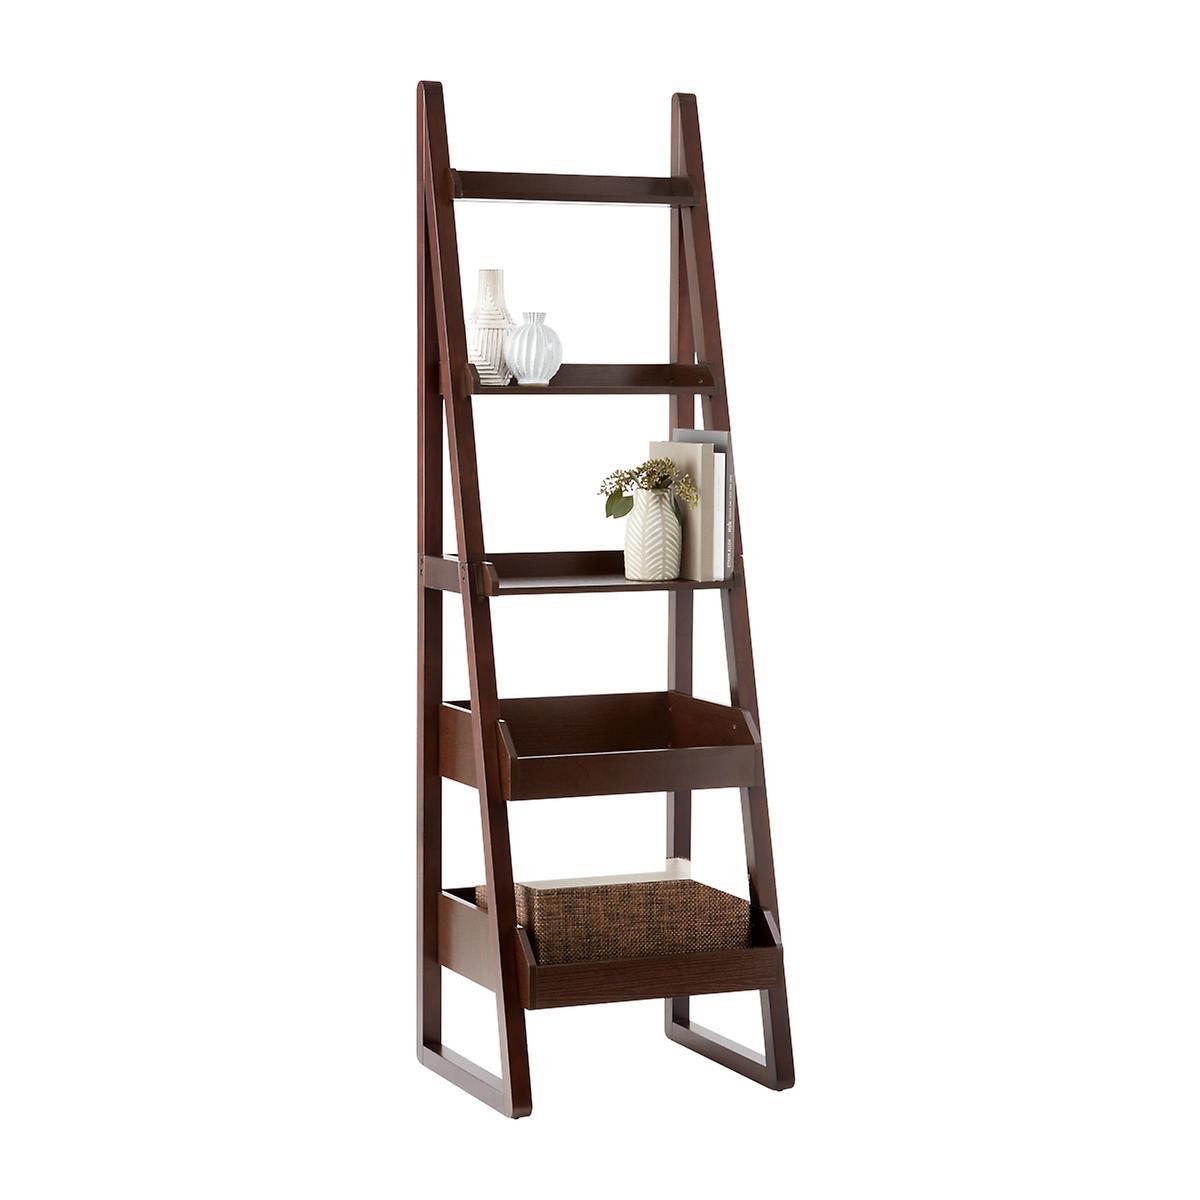 Design Free Standing Bookshelves bookshelves bookcases free standing shelves the container store walnut encore narrow bookshelf